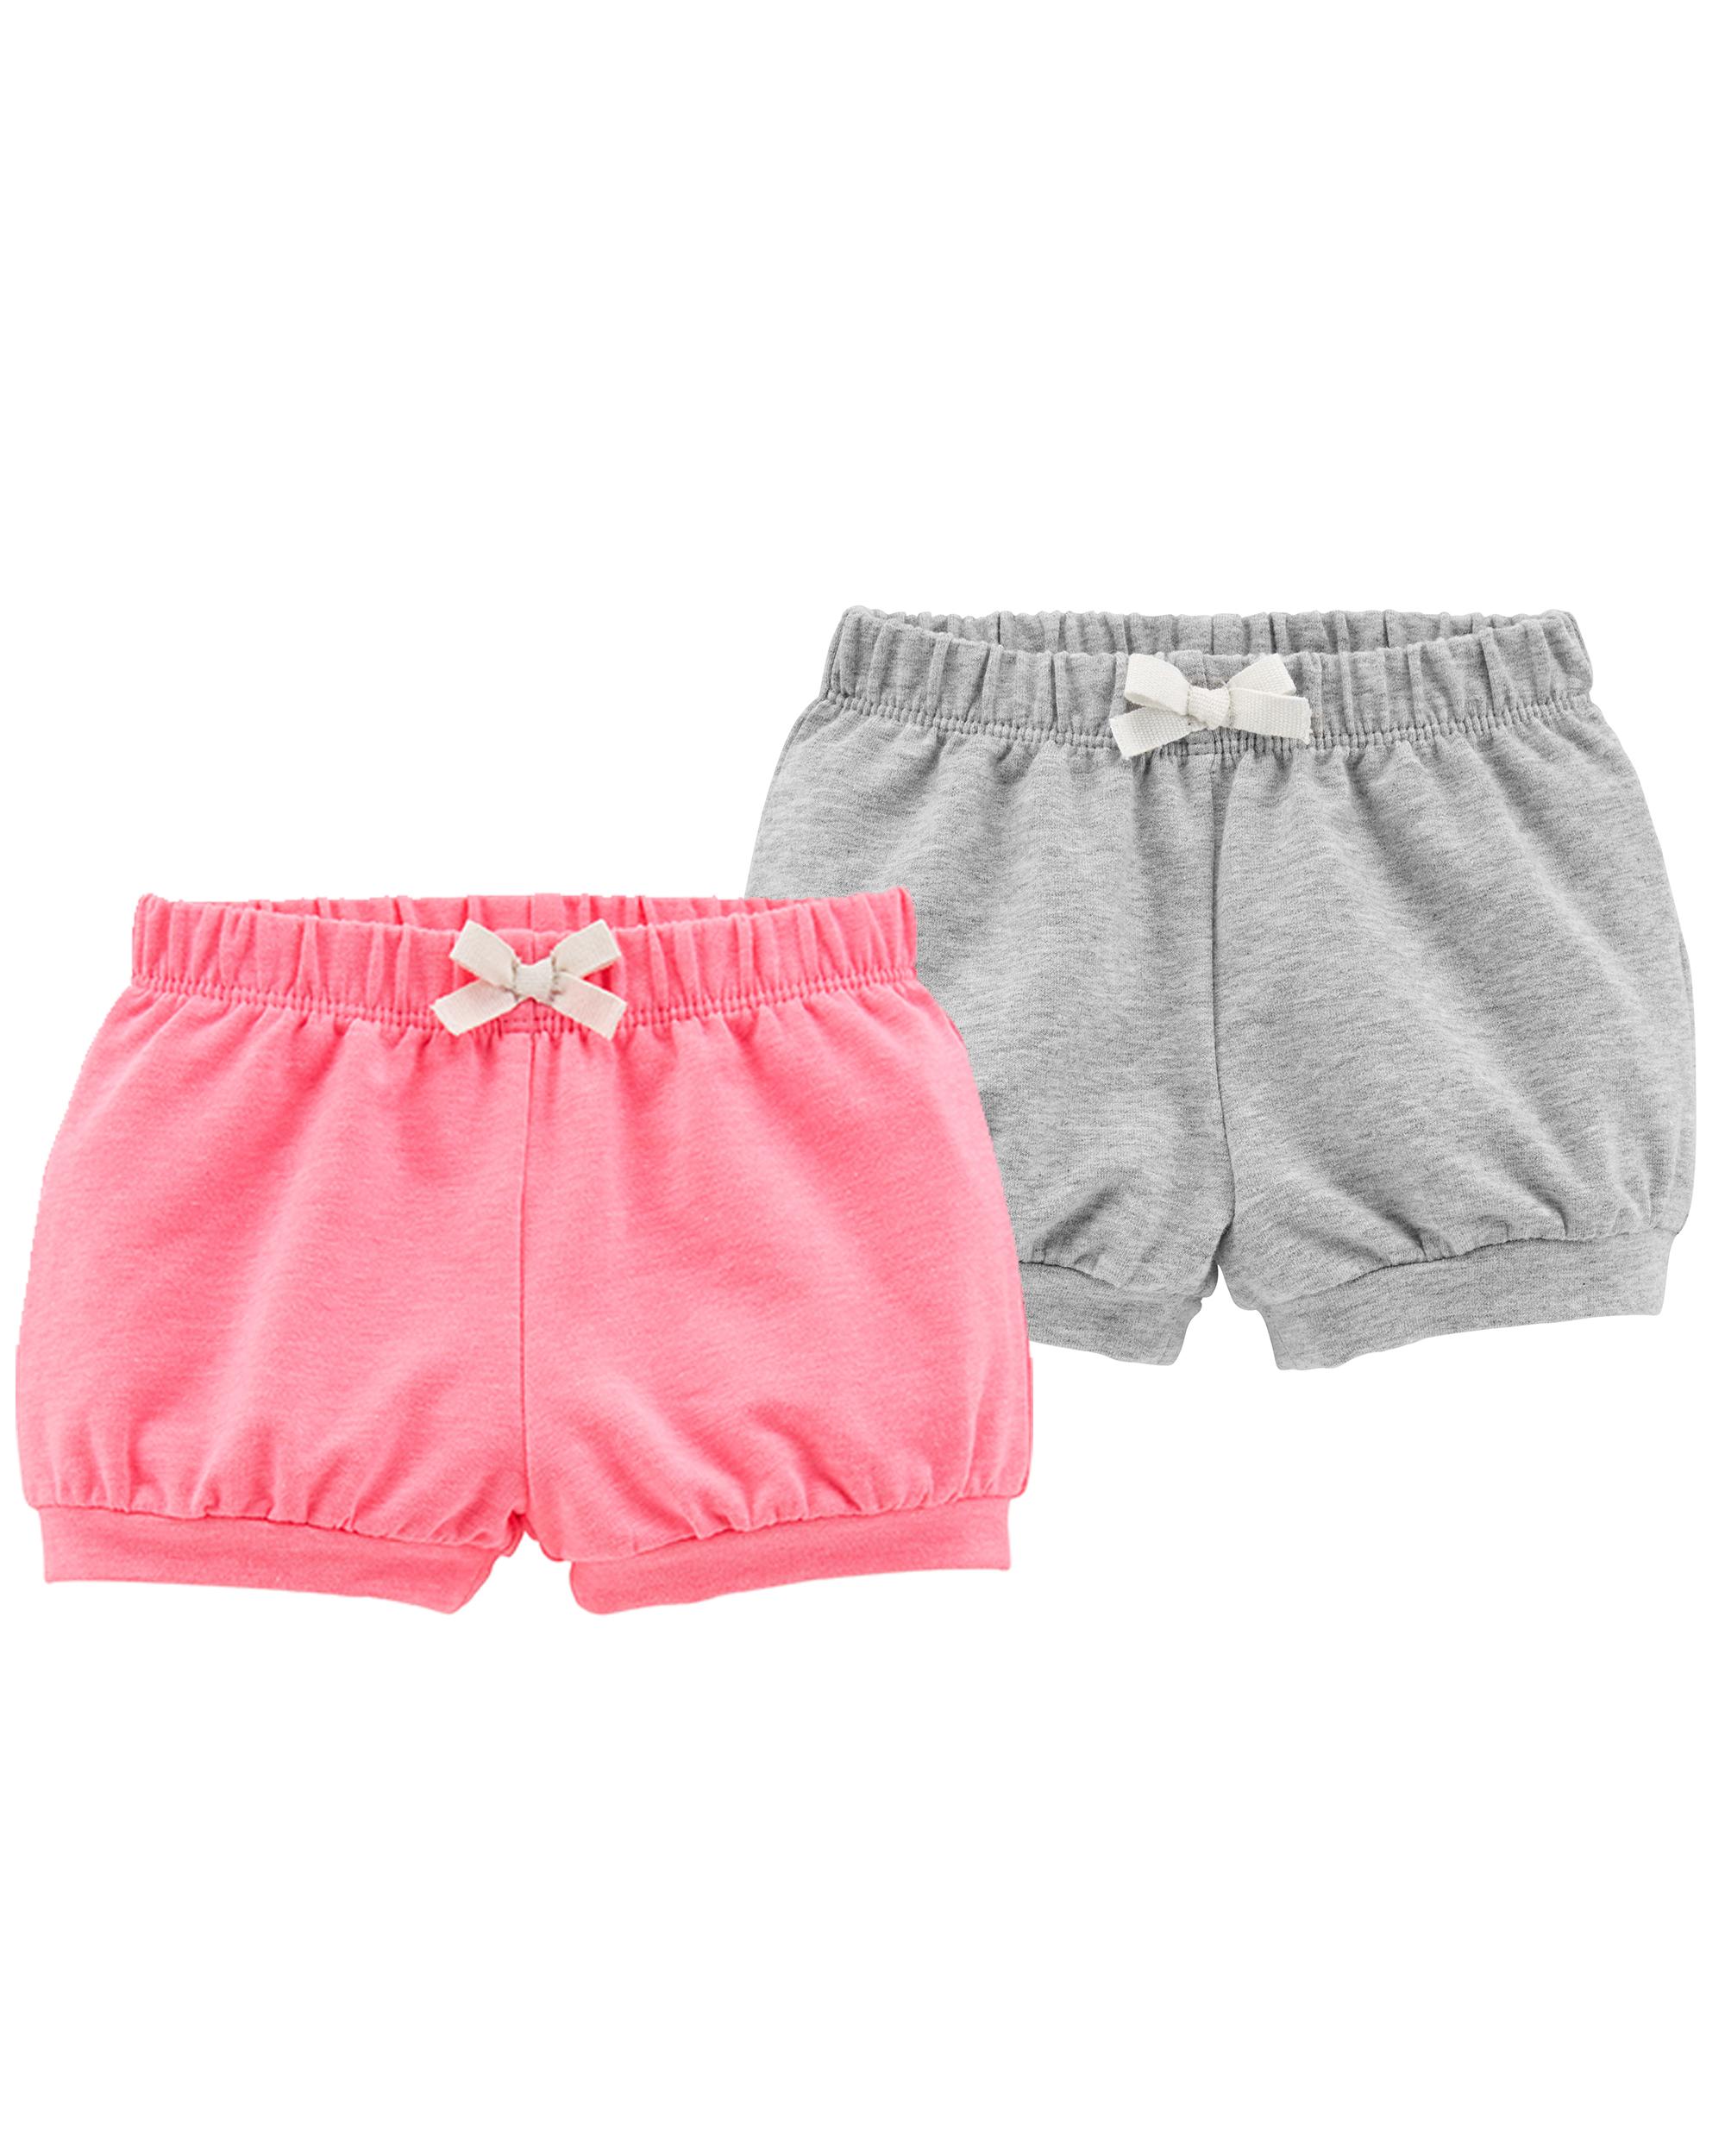 זוג מכנסיים קצרים אפור/ורוד